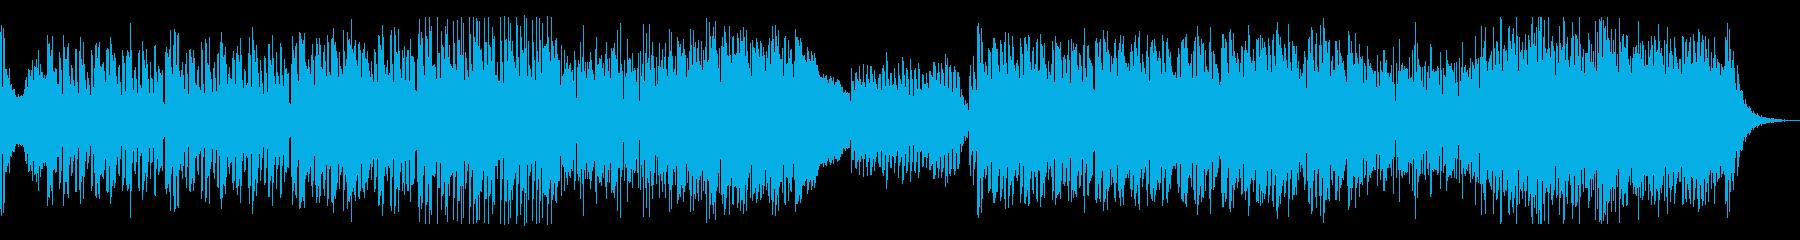 運命的、クールなシンセとストリングスの再生済みの波形